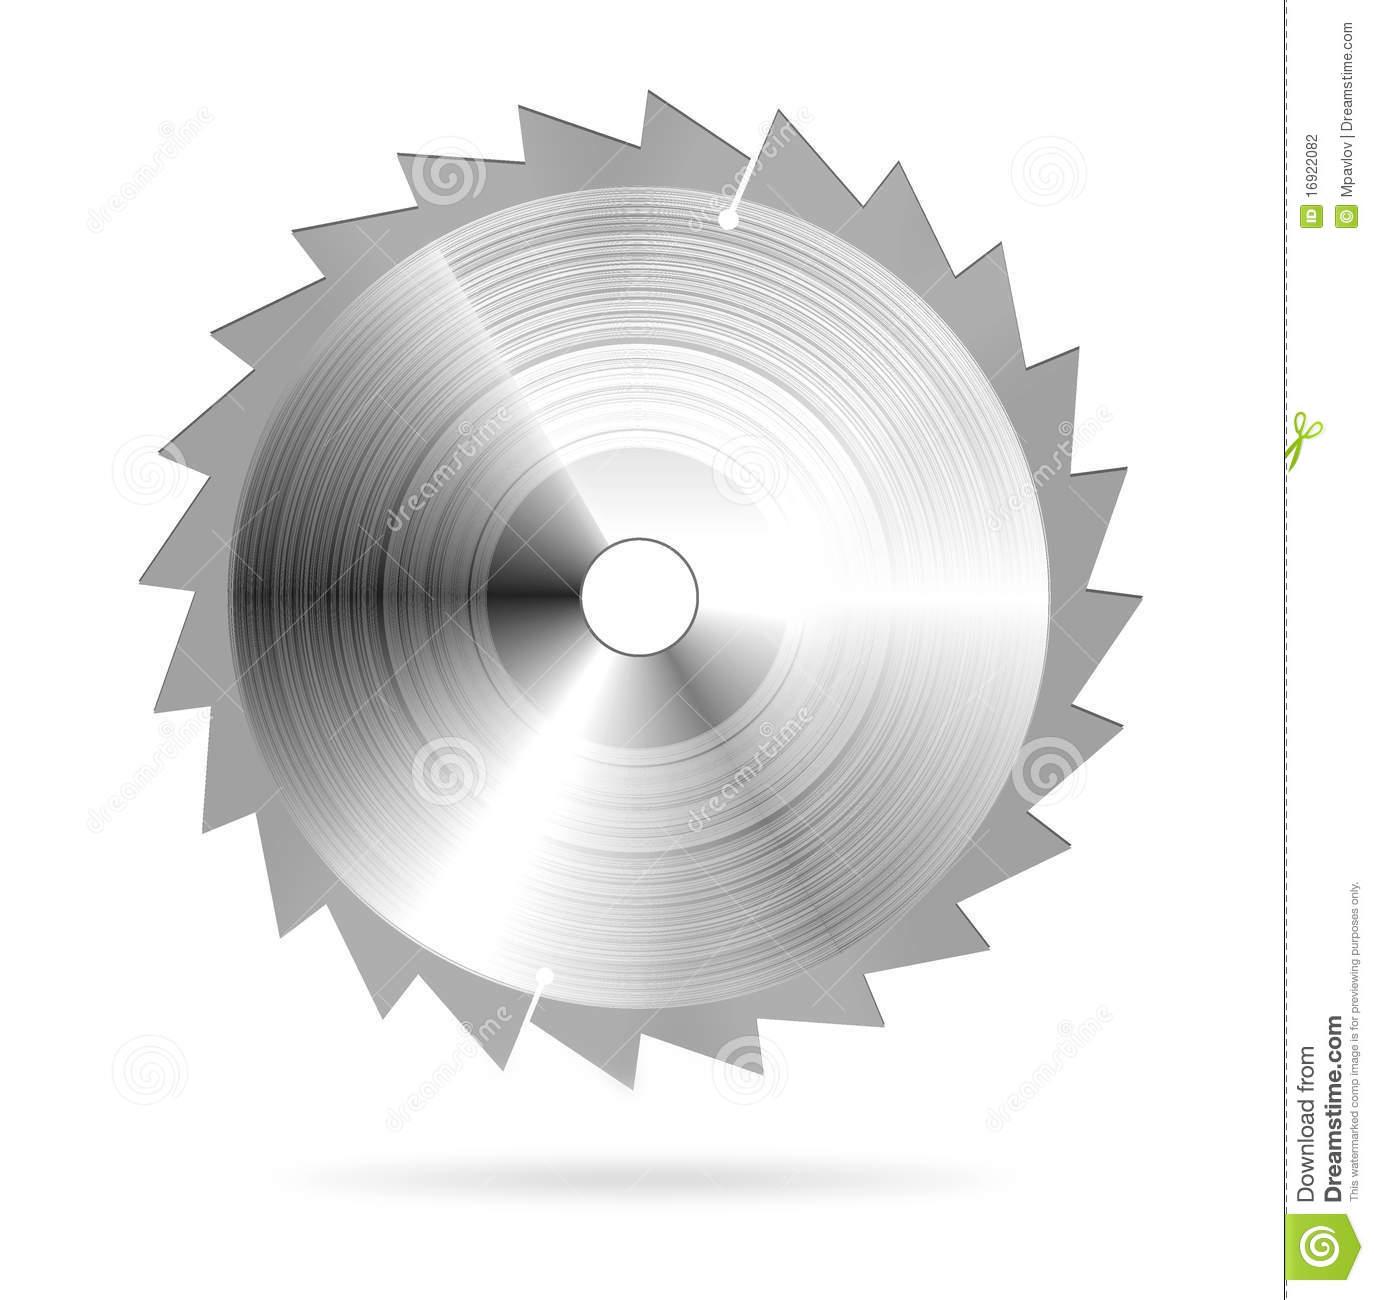 Blade clipart circular saw Clipart collection Saw clip Circular